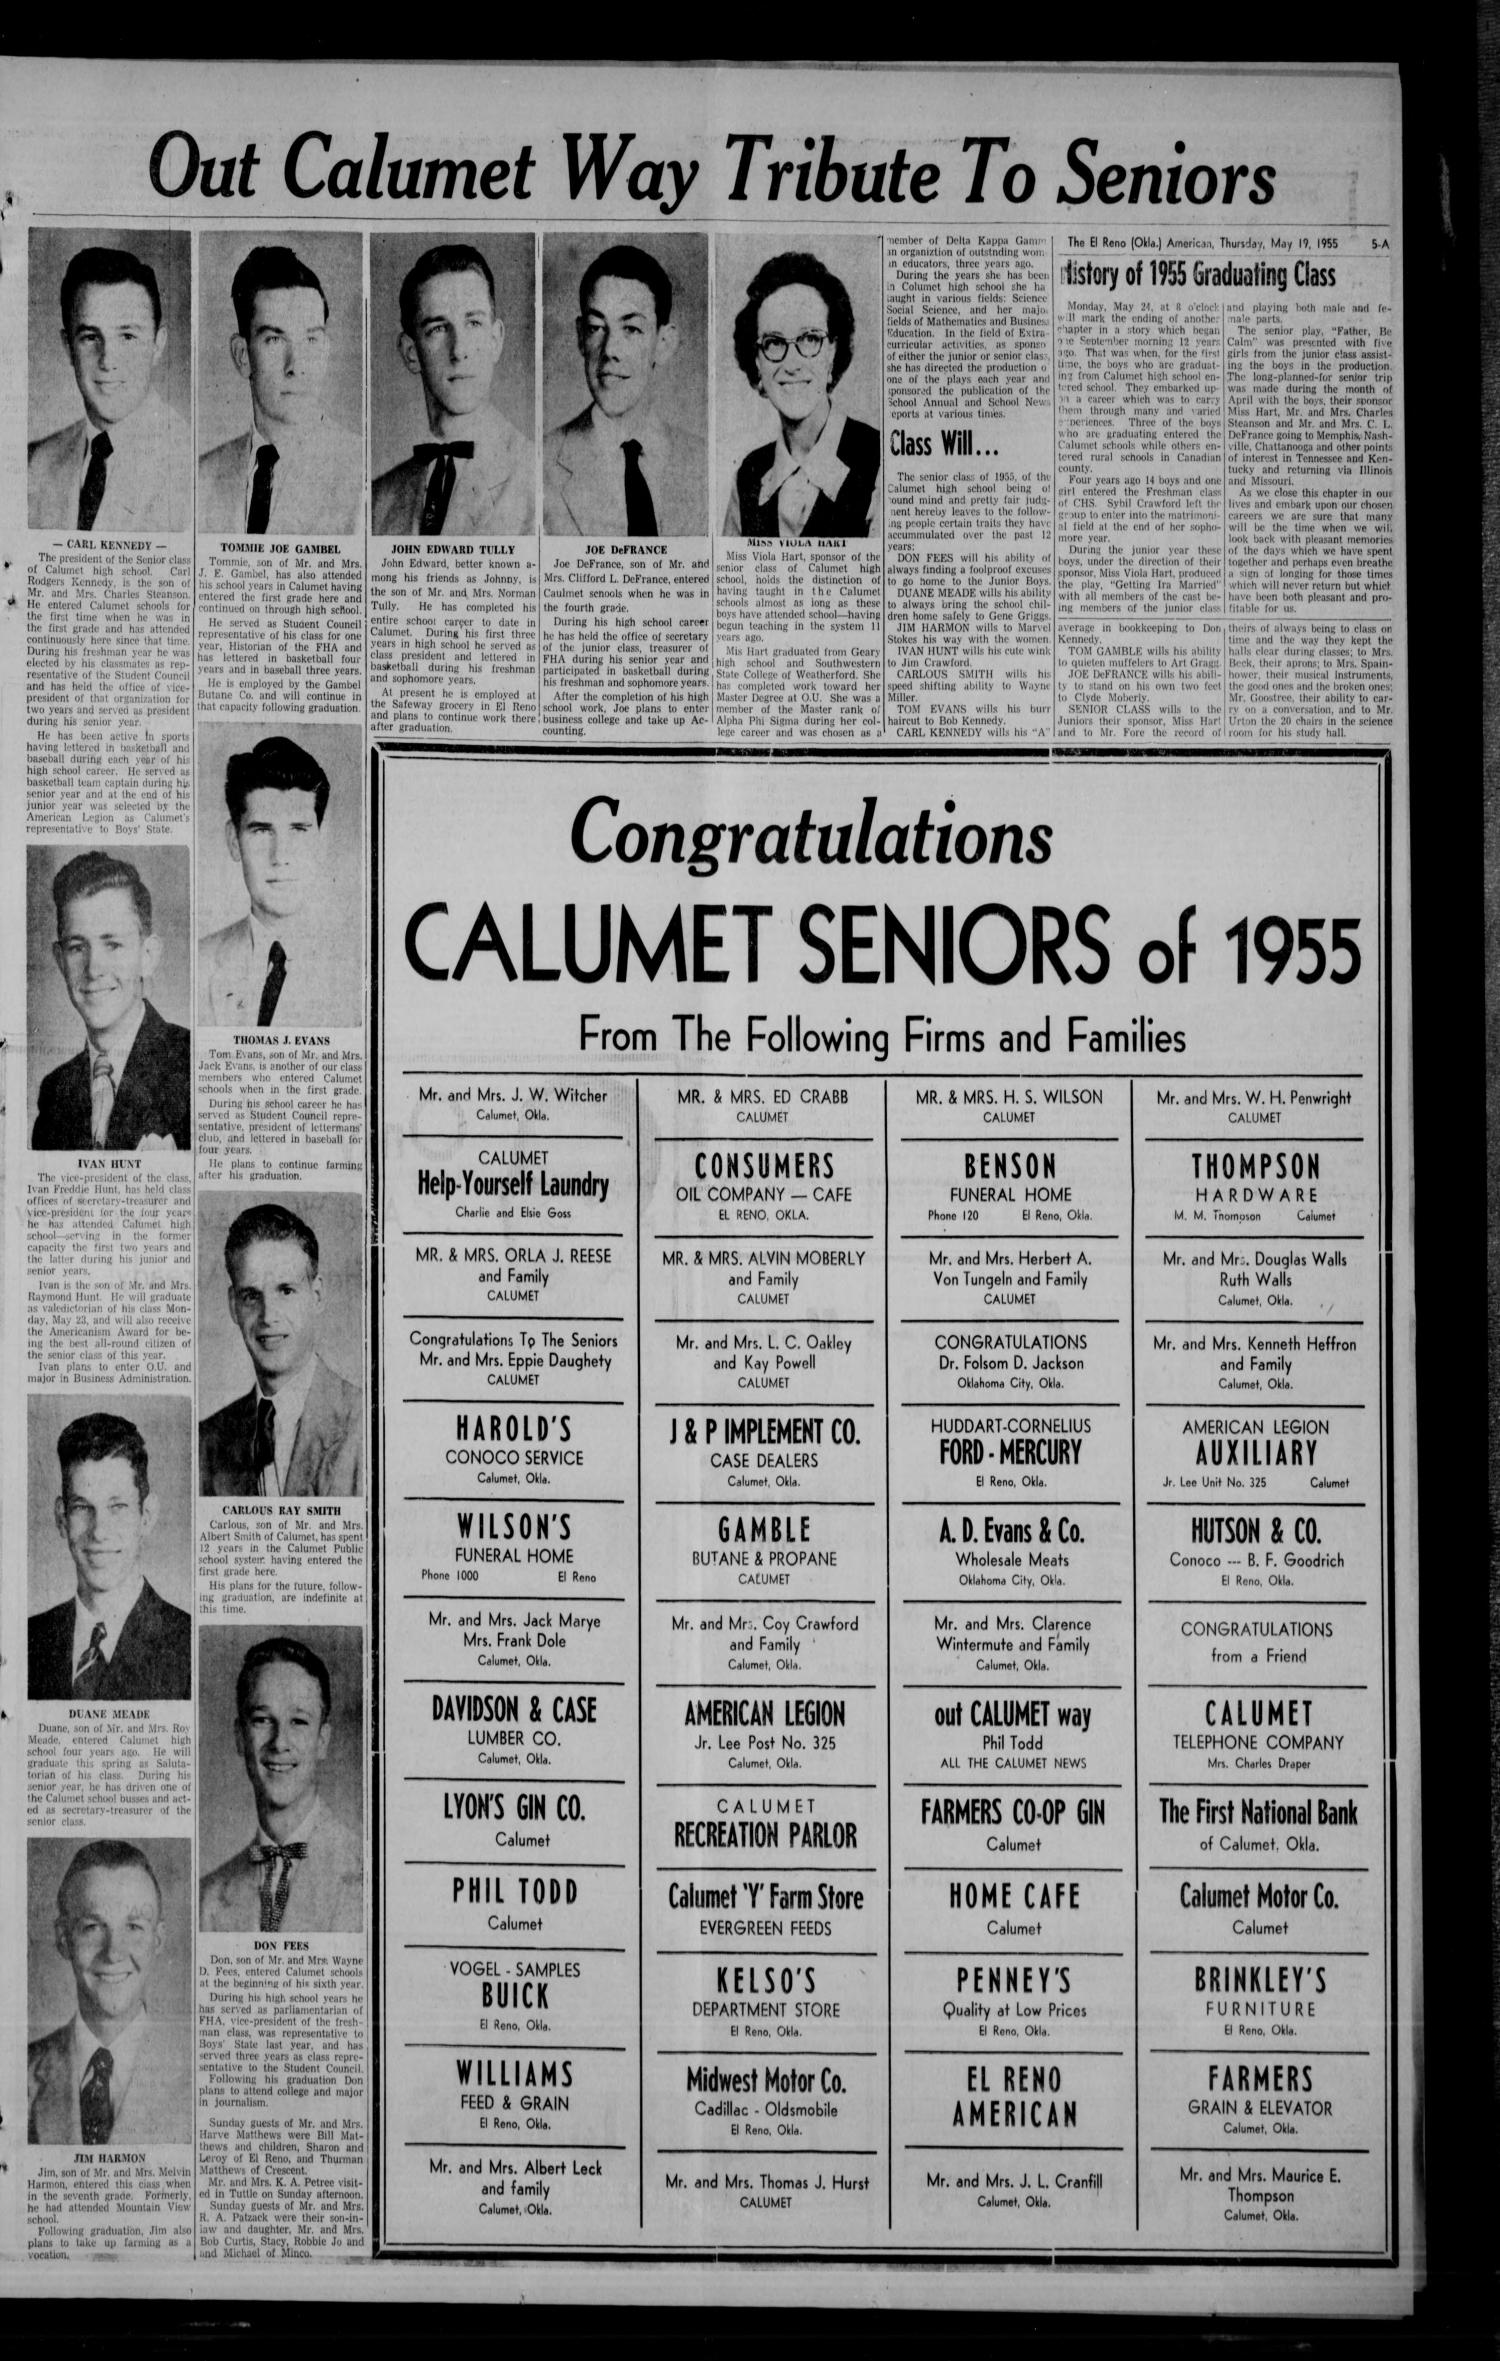 The El Reno American (El Reno, Okla.), Vol. 61, No. 30, Ed. 1 Thursday, May  19, 1955   Page 5 Of 14   The Gateway To Oklahoma History